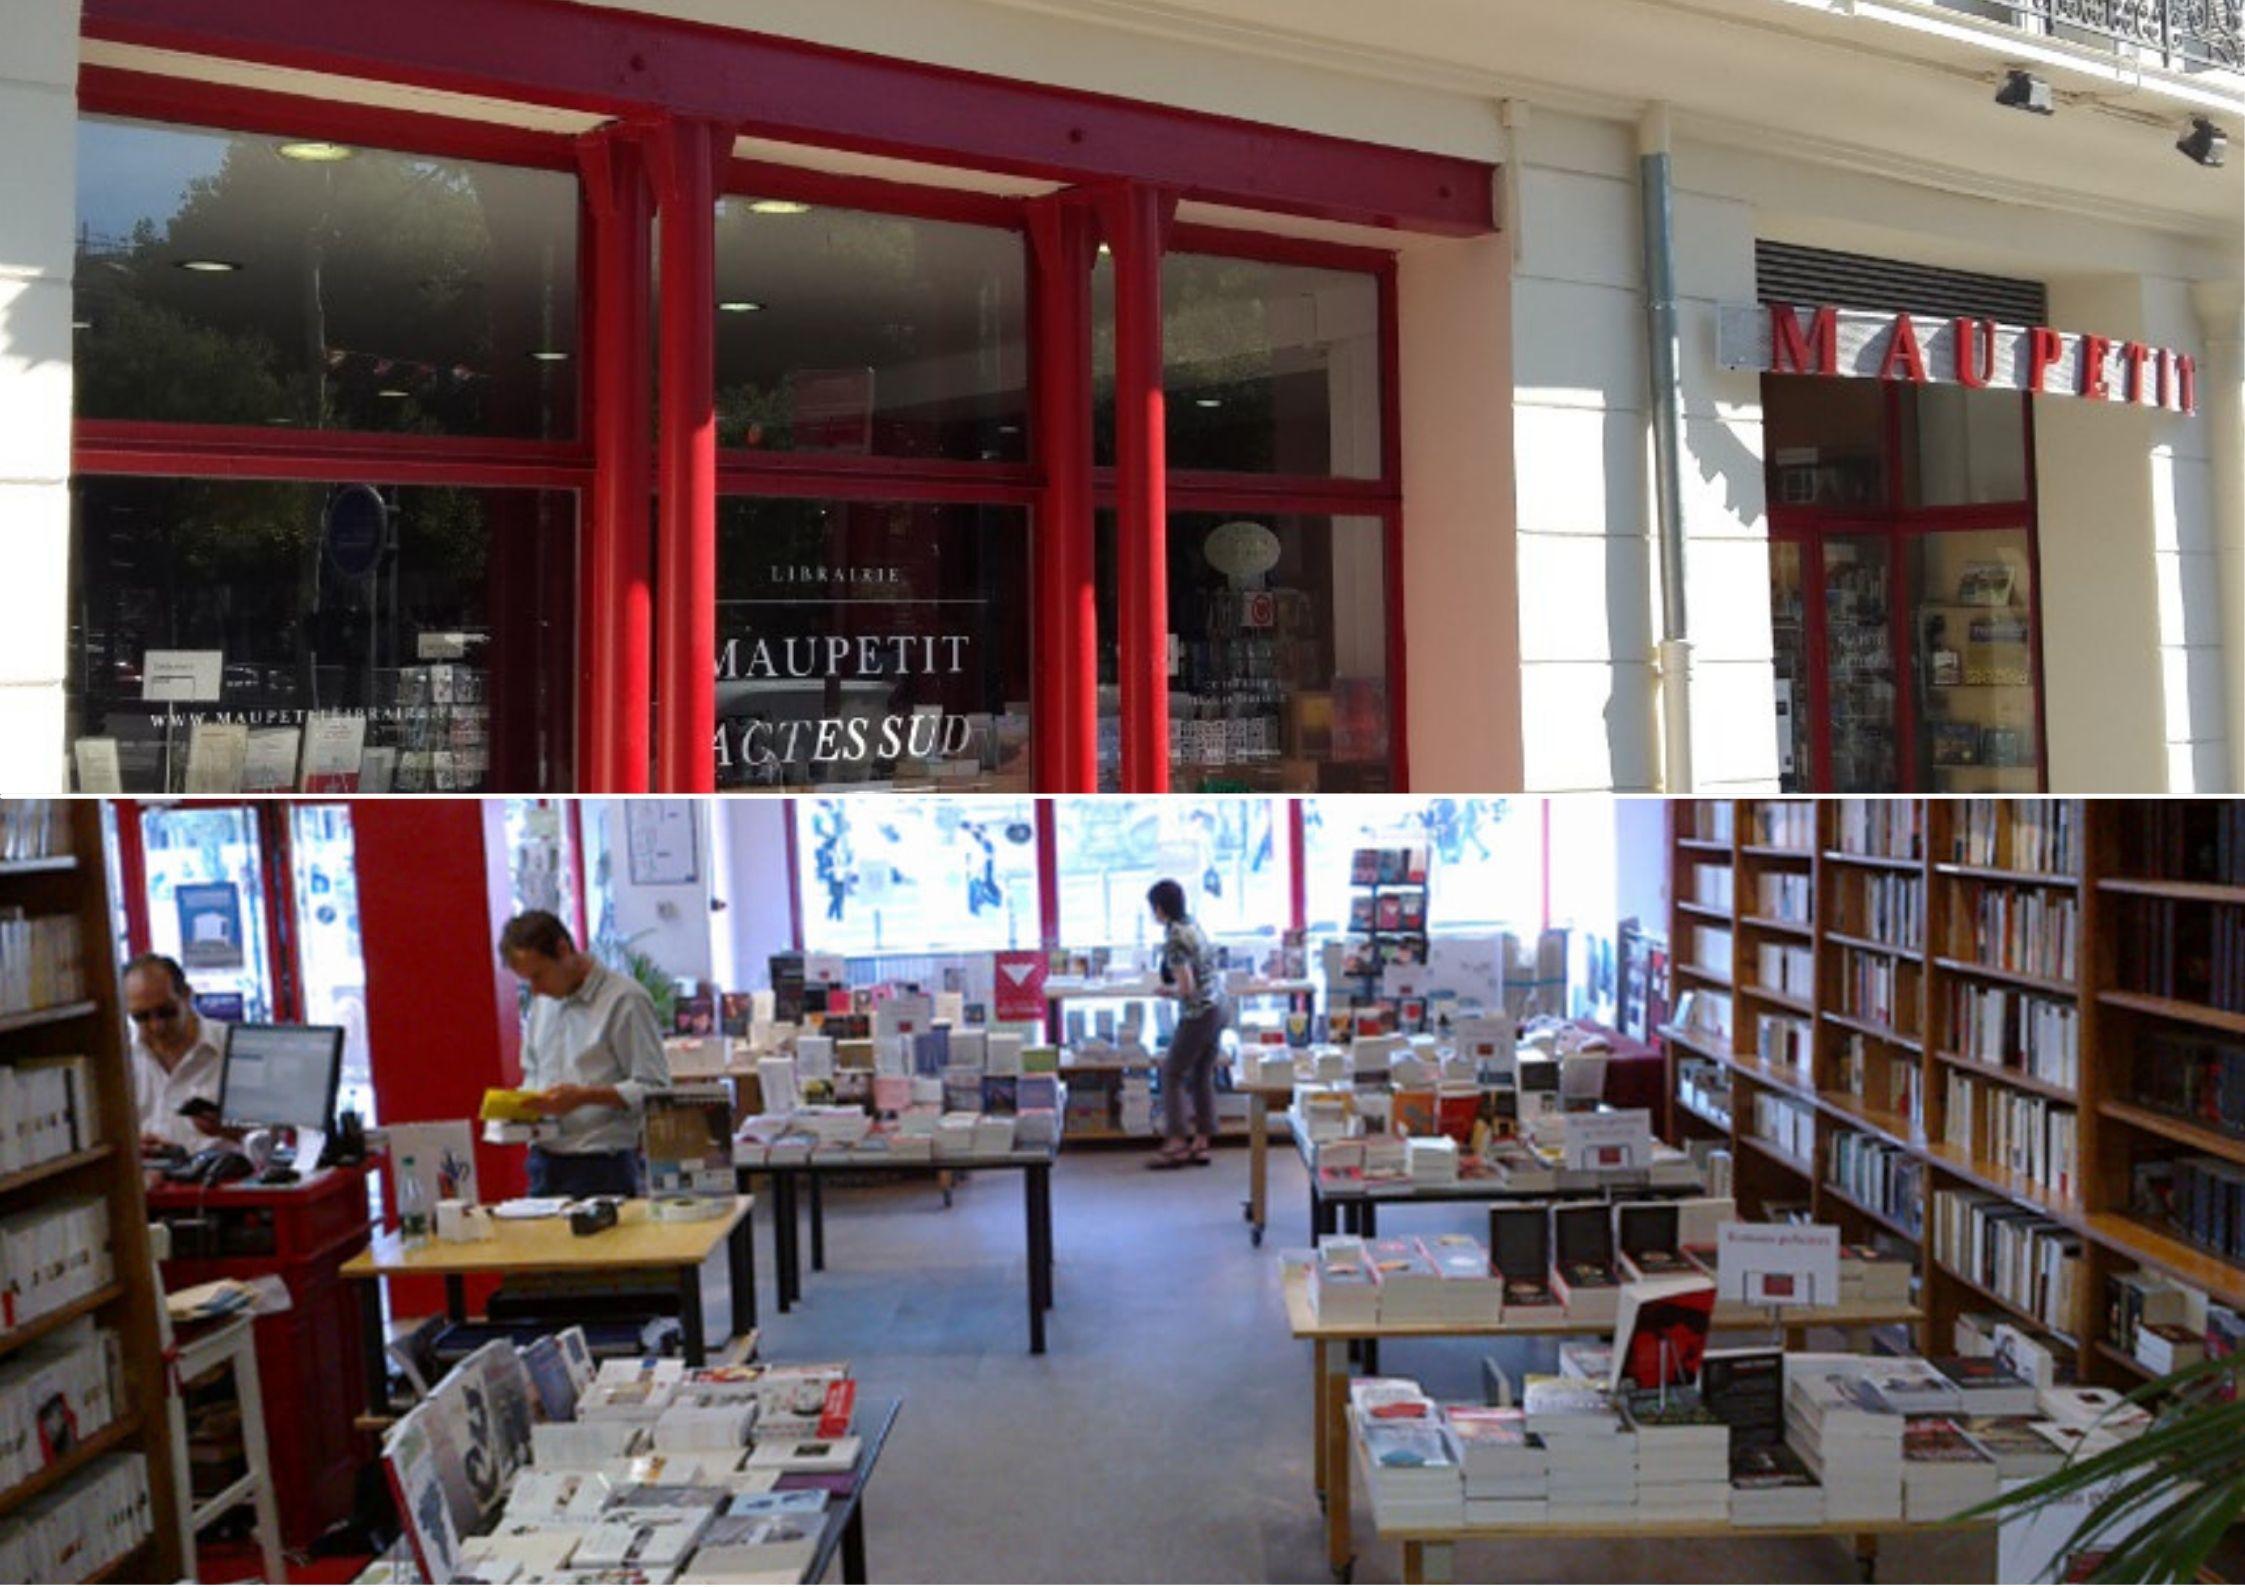 Librairies indépendantes : Maupetit à Marseille